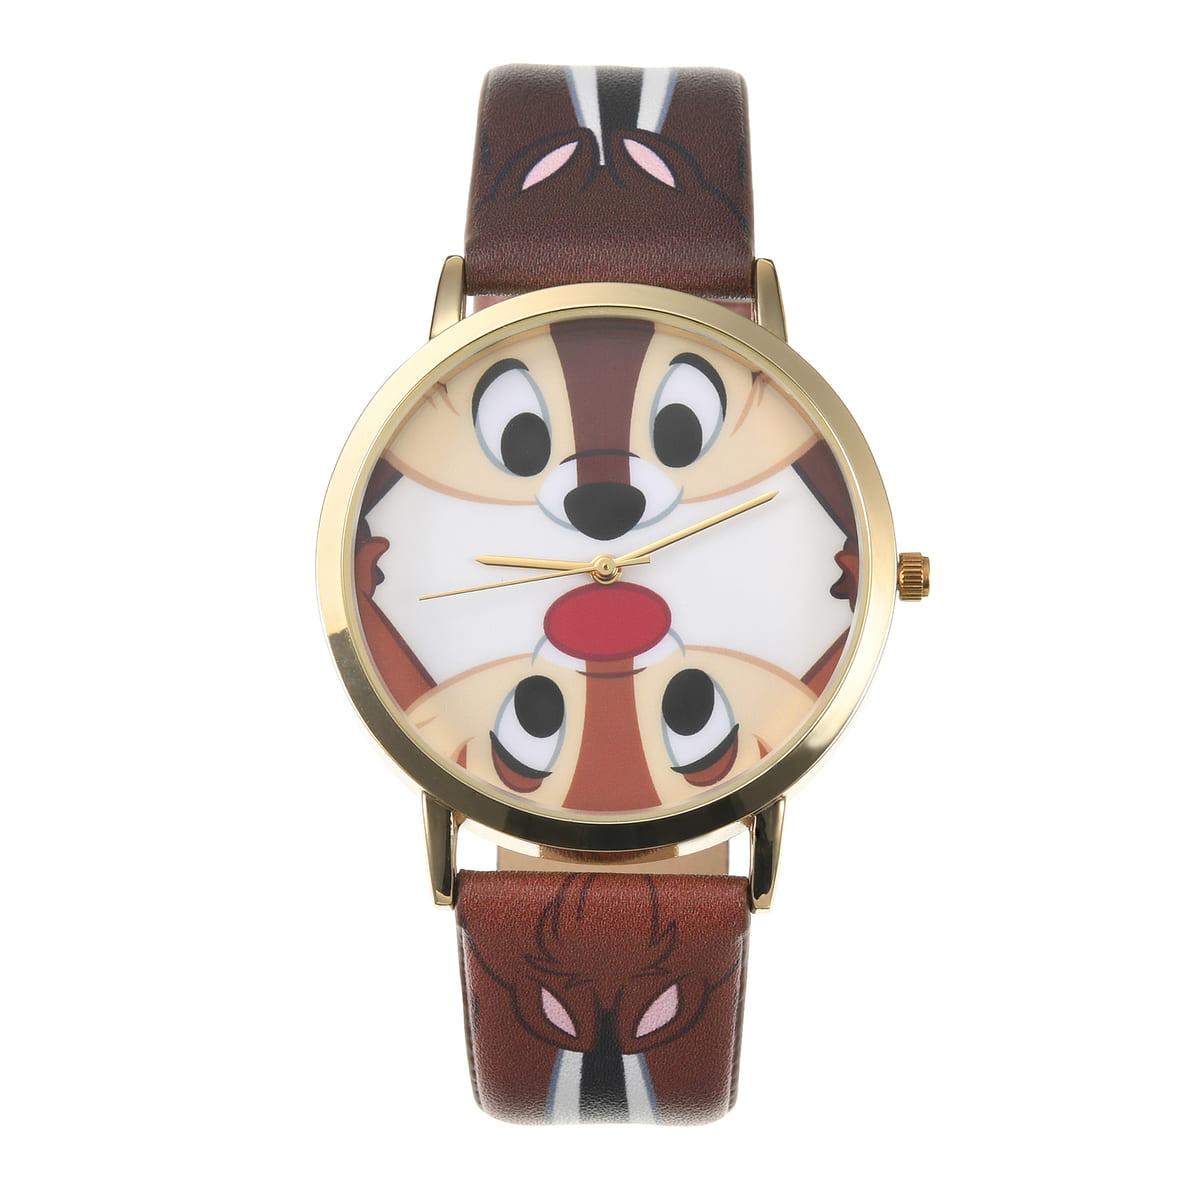 チップ&デール 腕時計・ウォッチ CHIP AND DALE 2021